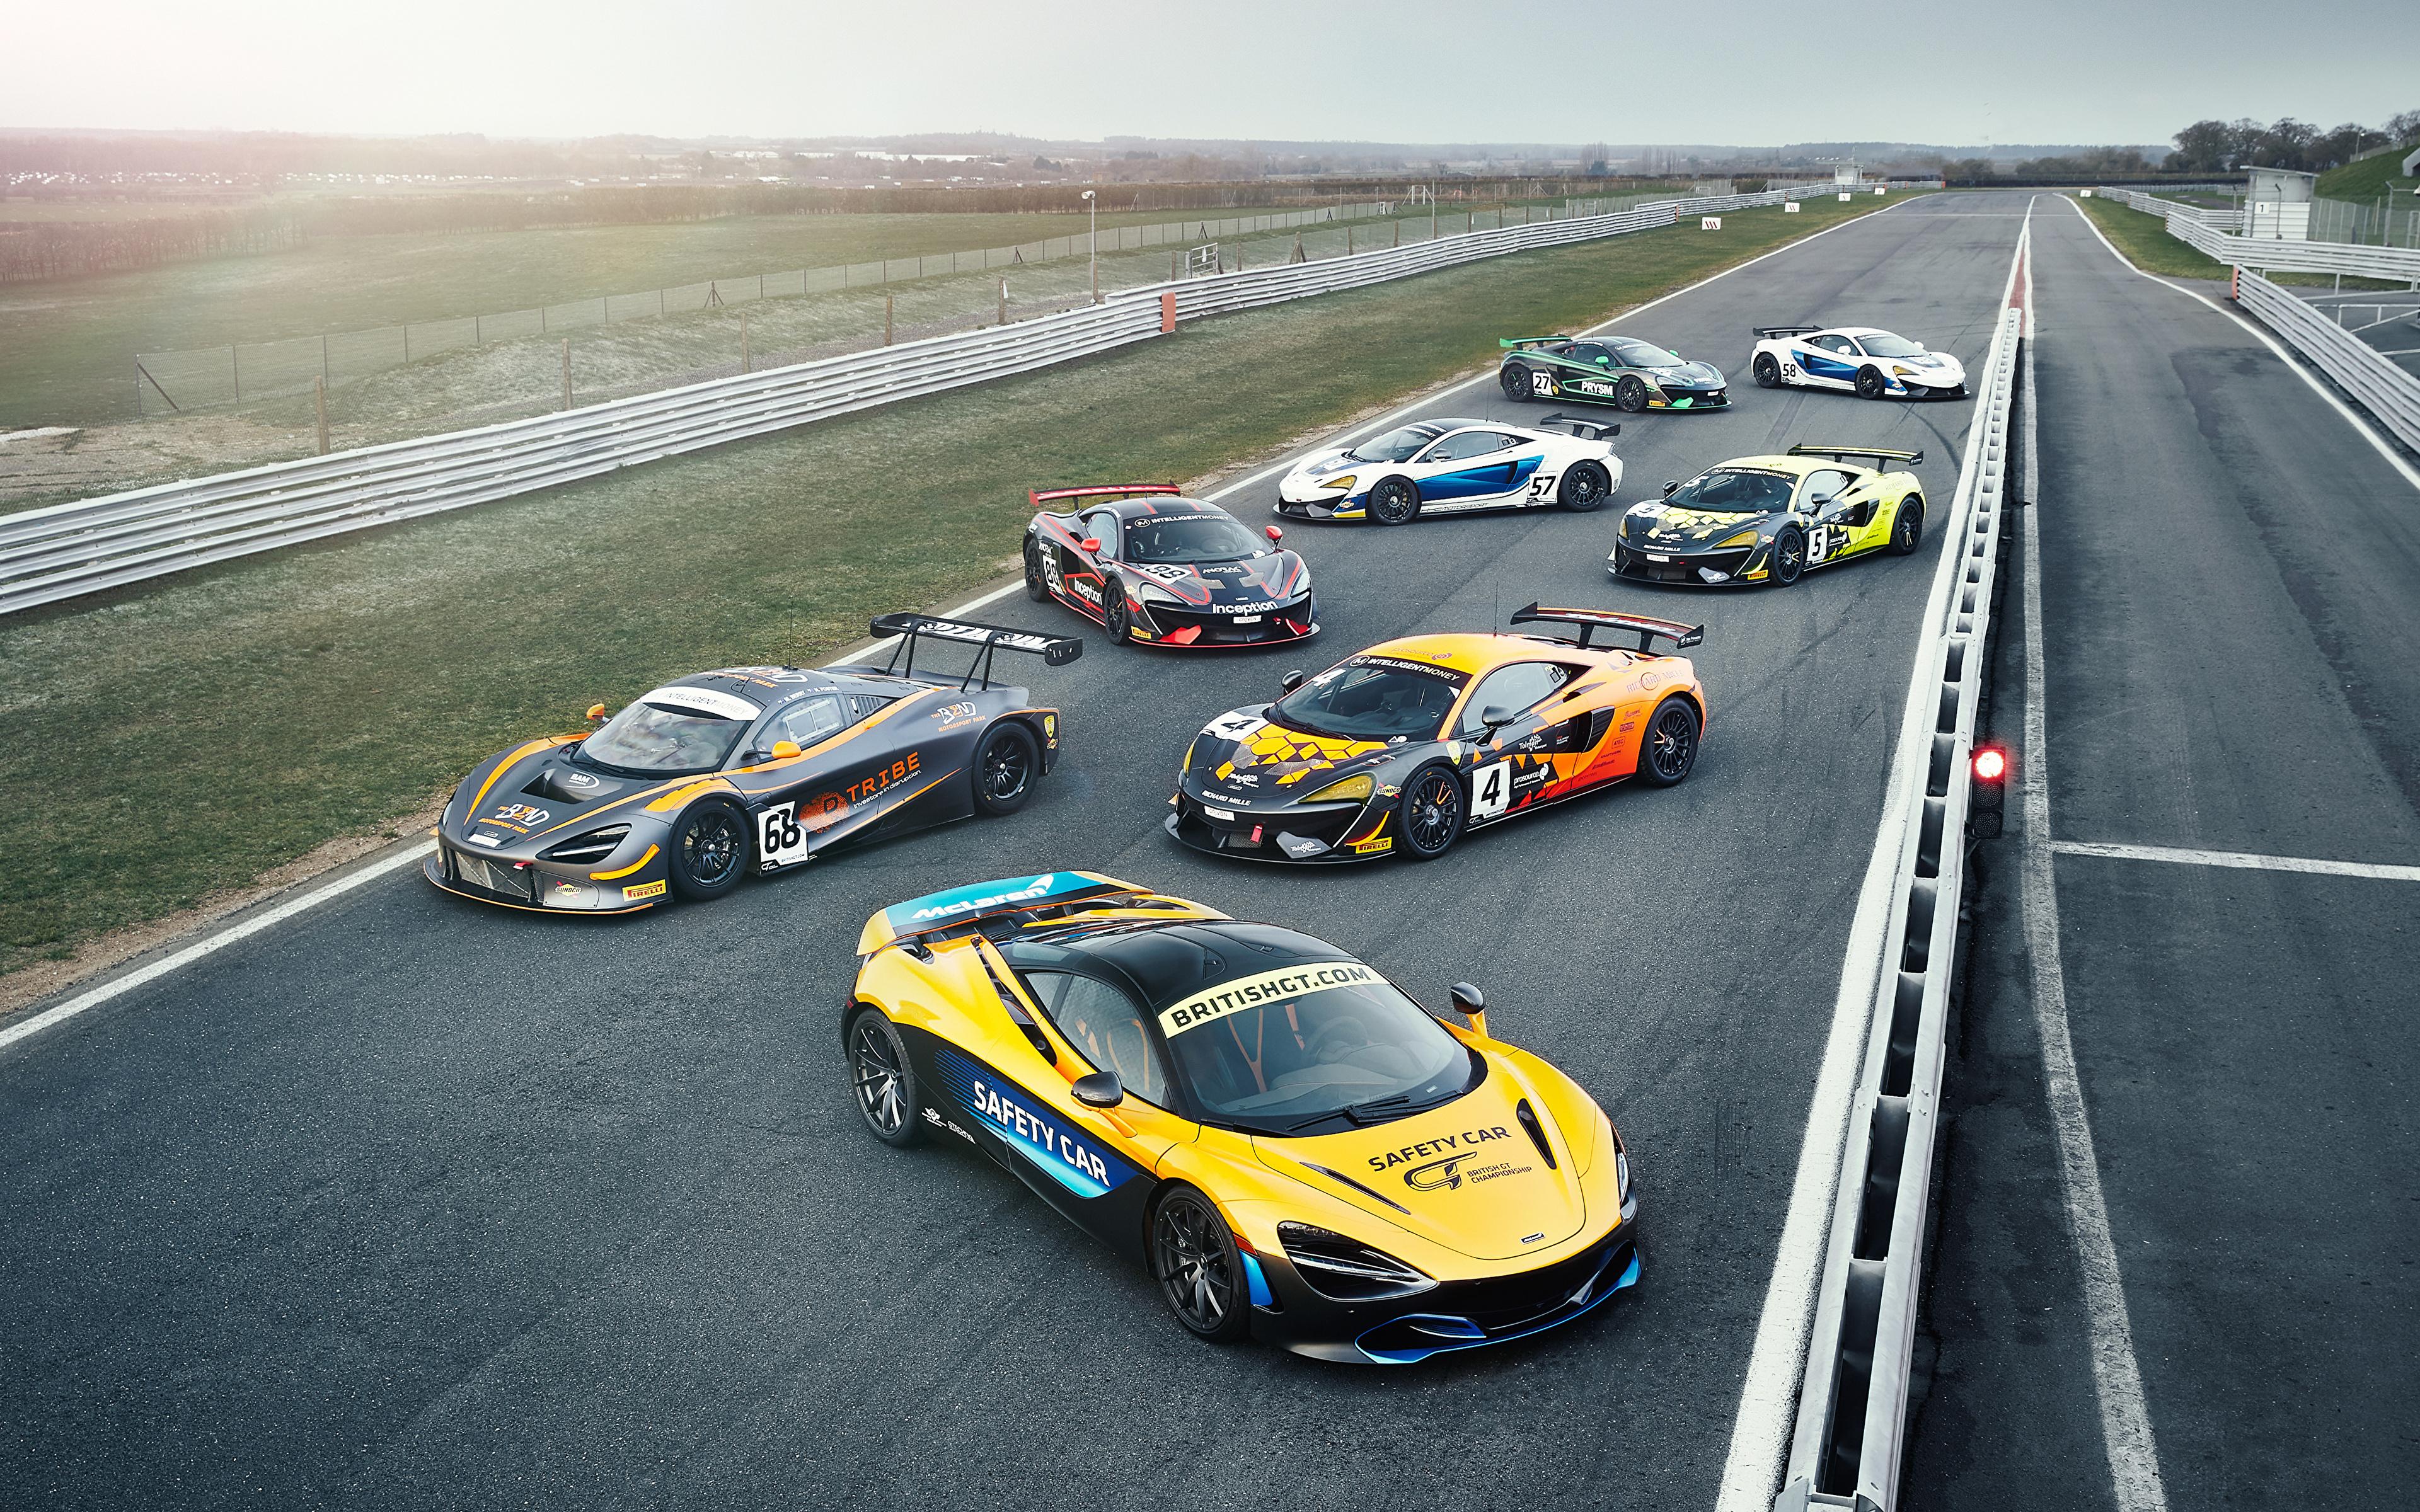 3840x2400 McLaren Muitas Tuning carro, automóvel, automóveis Carros